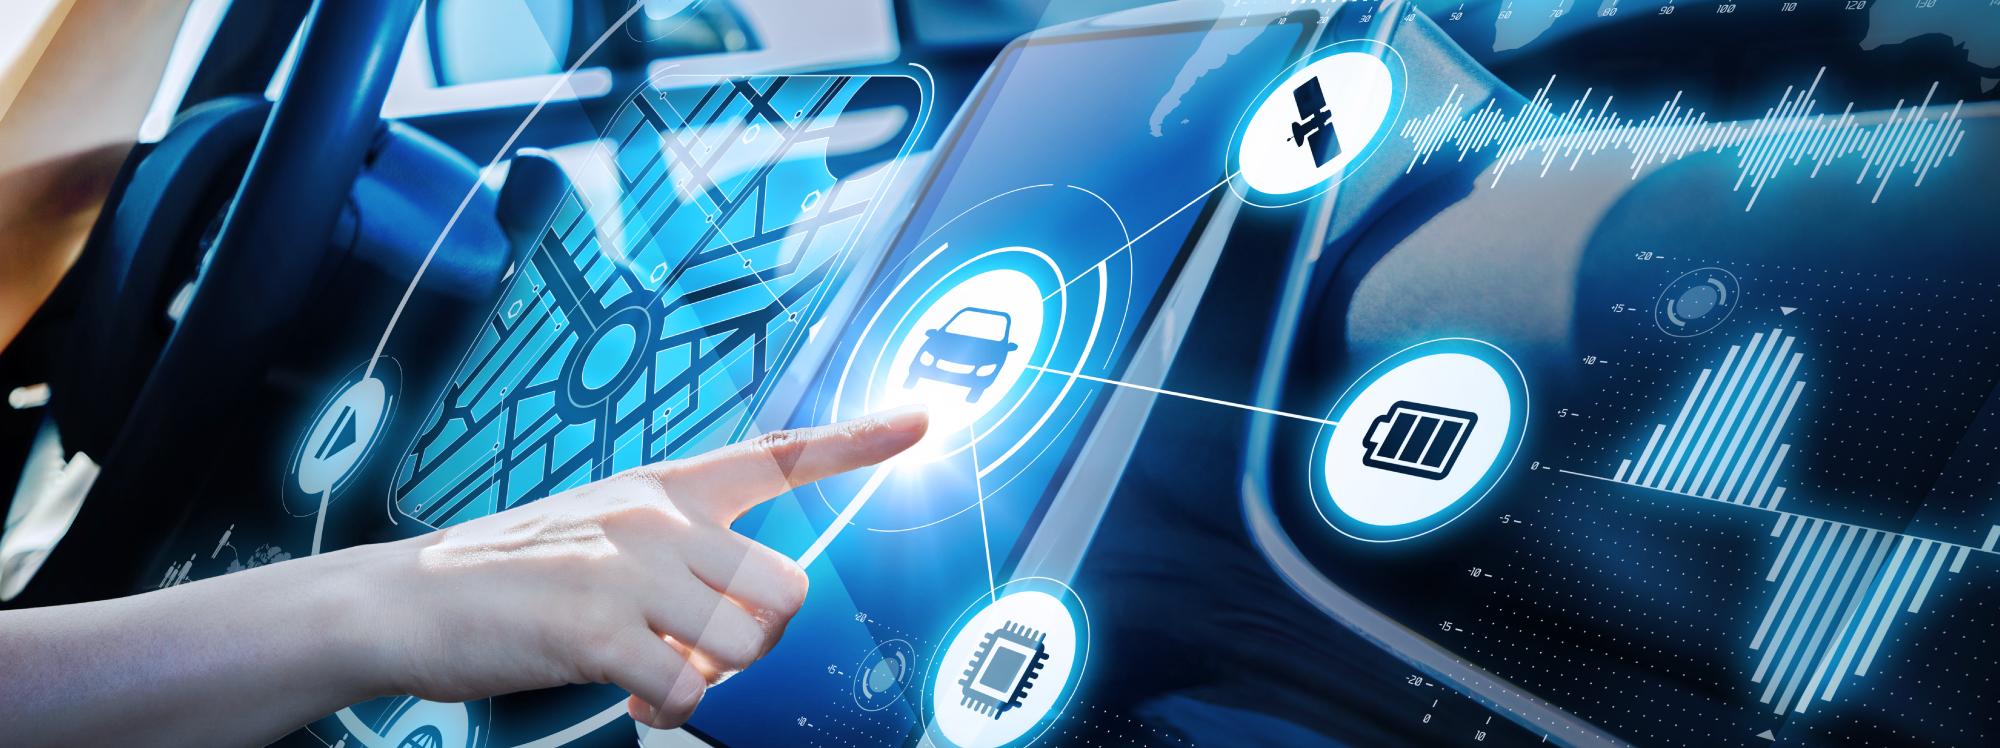 ¿Cuál es el escenario pospandemia para los vehículos?